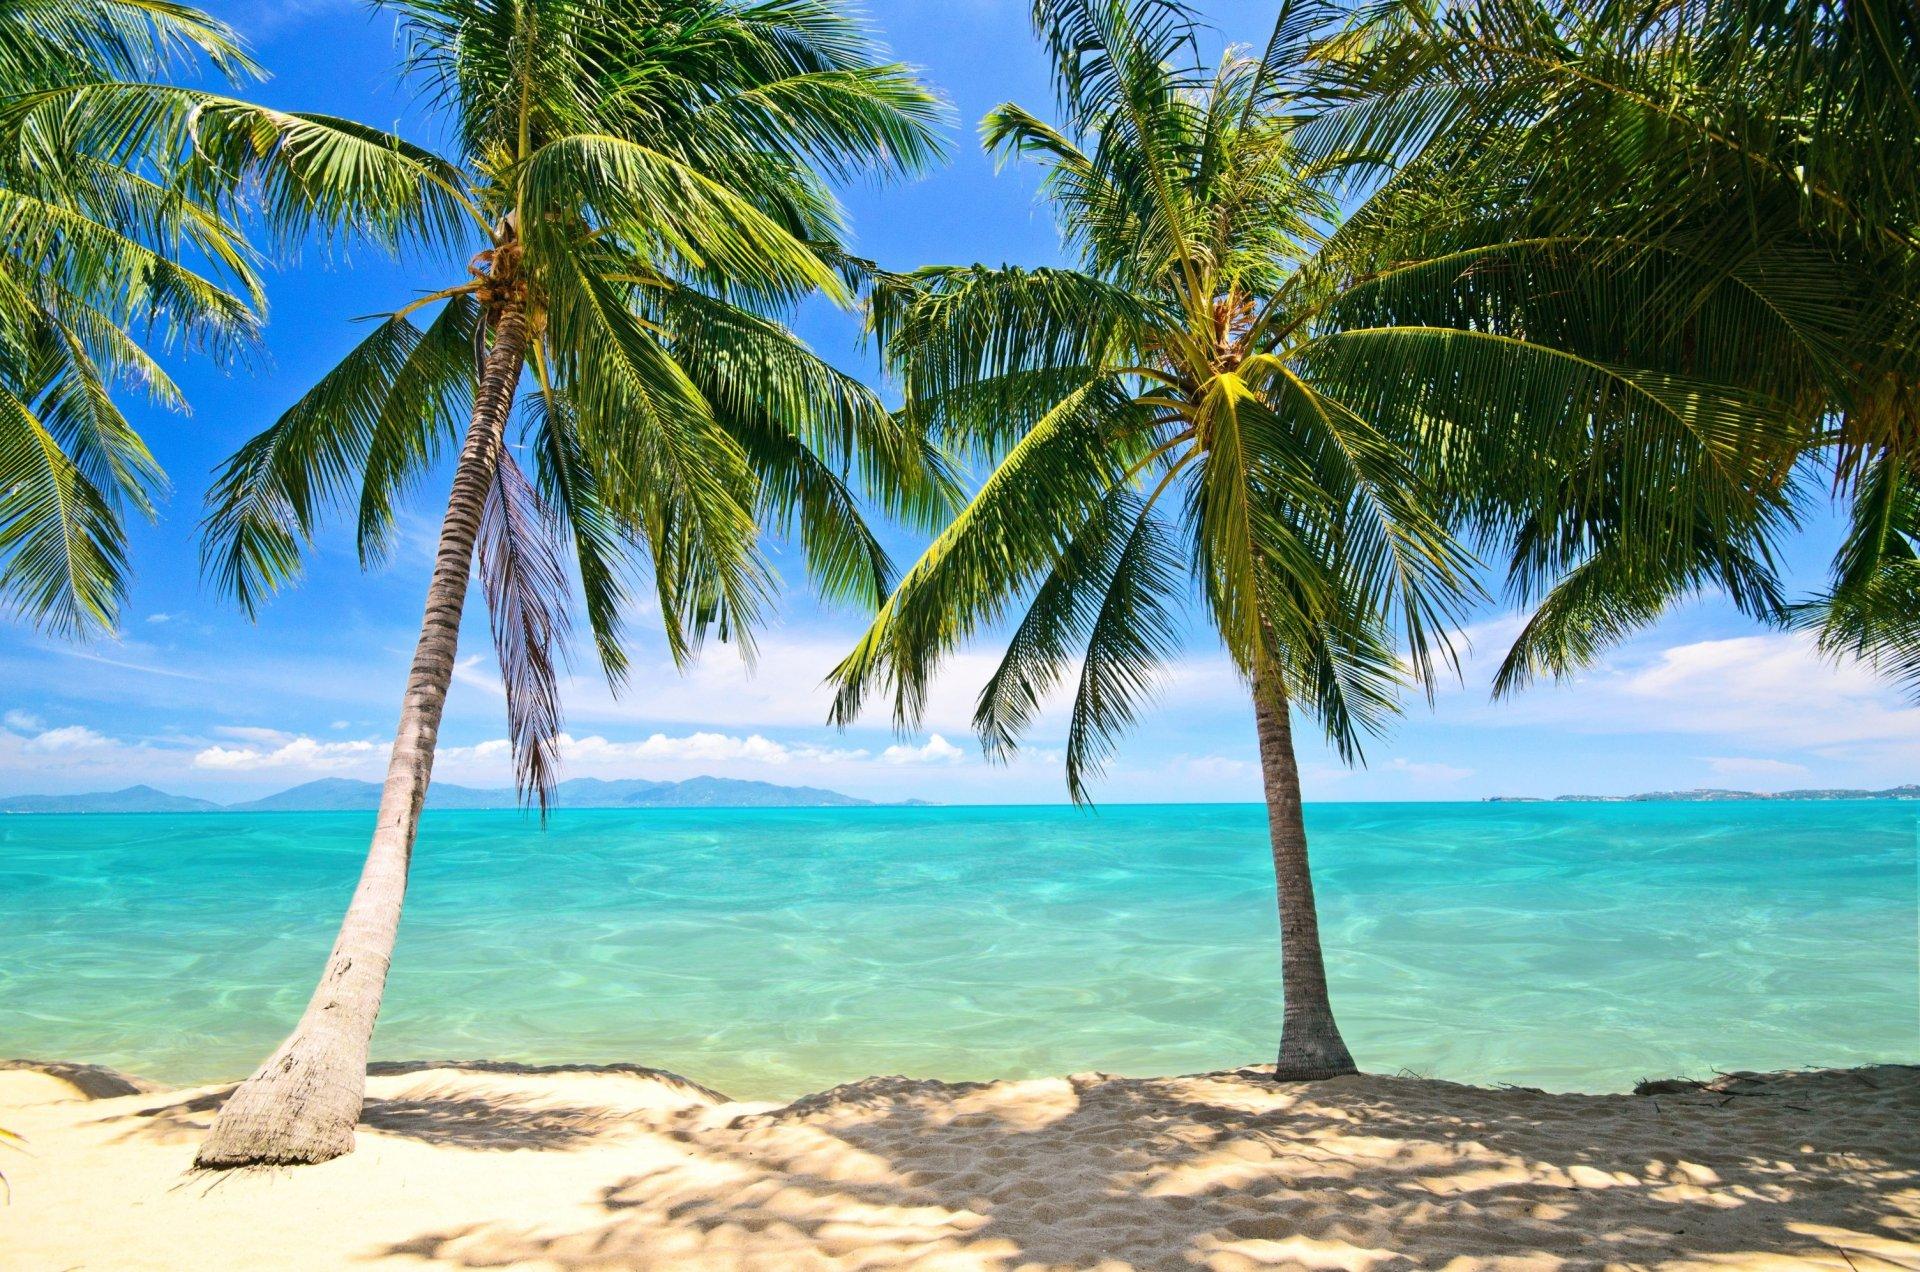 Картинки море пальмы и песок